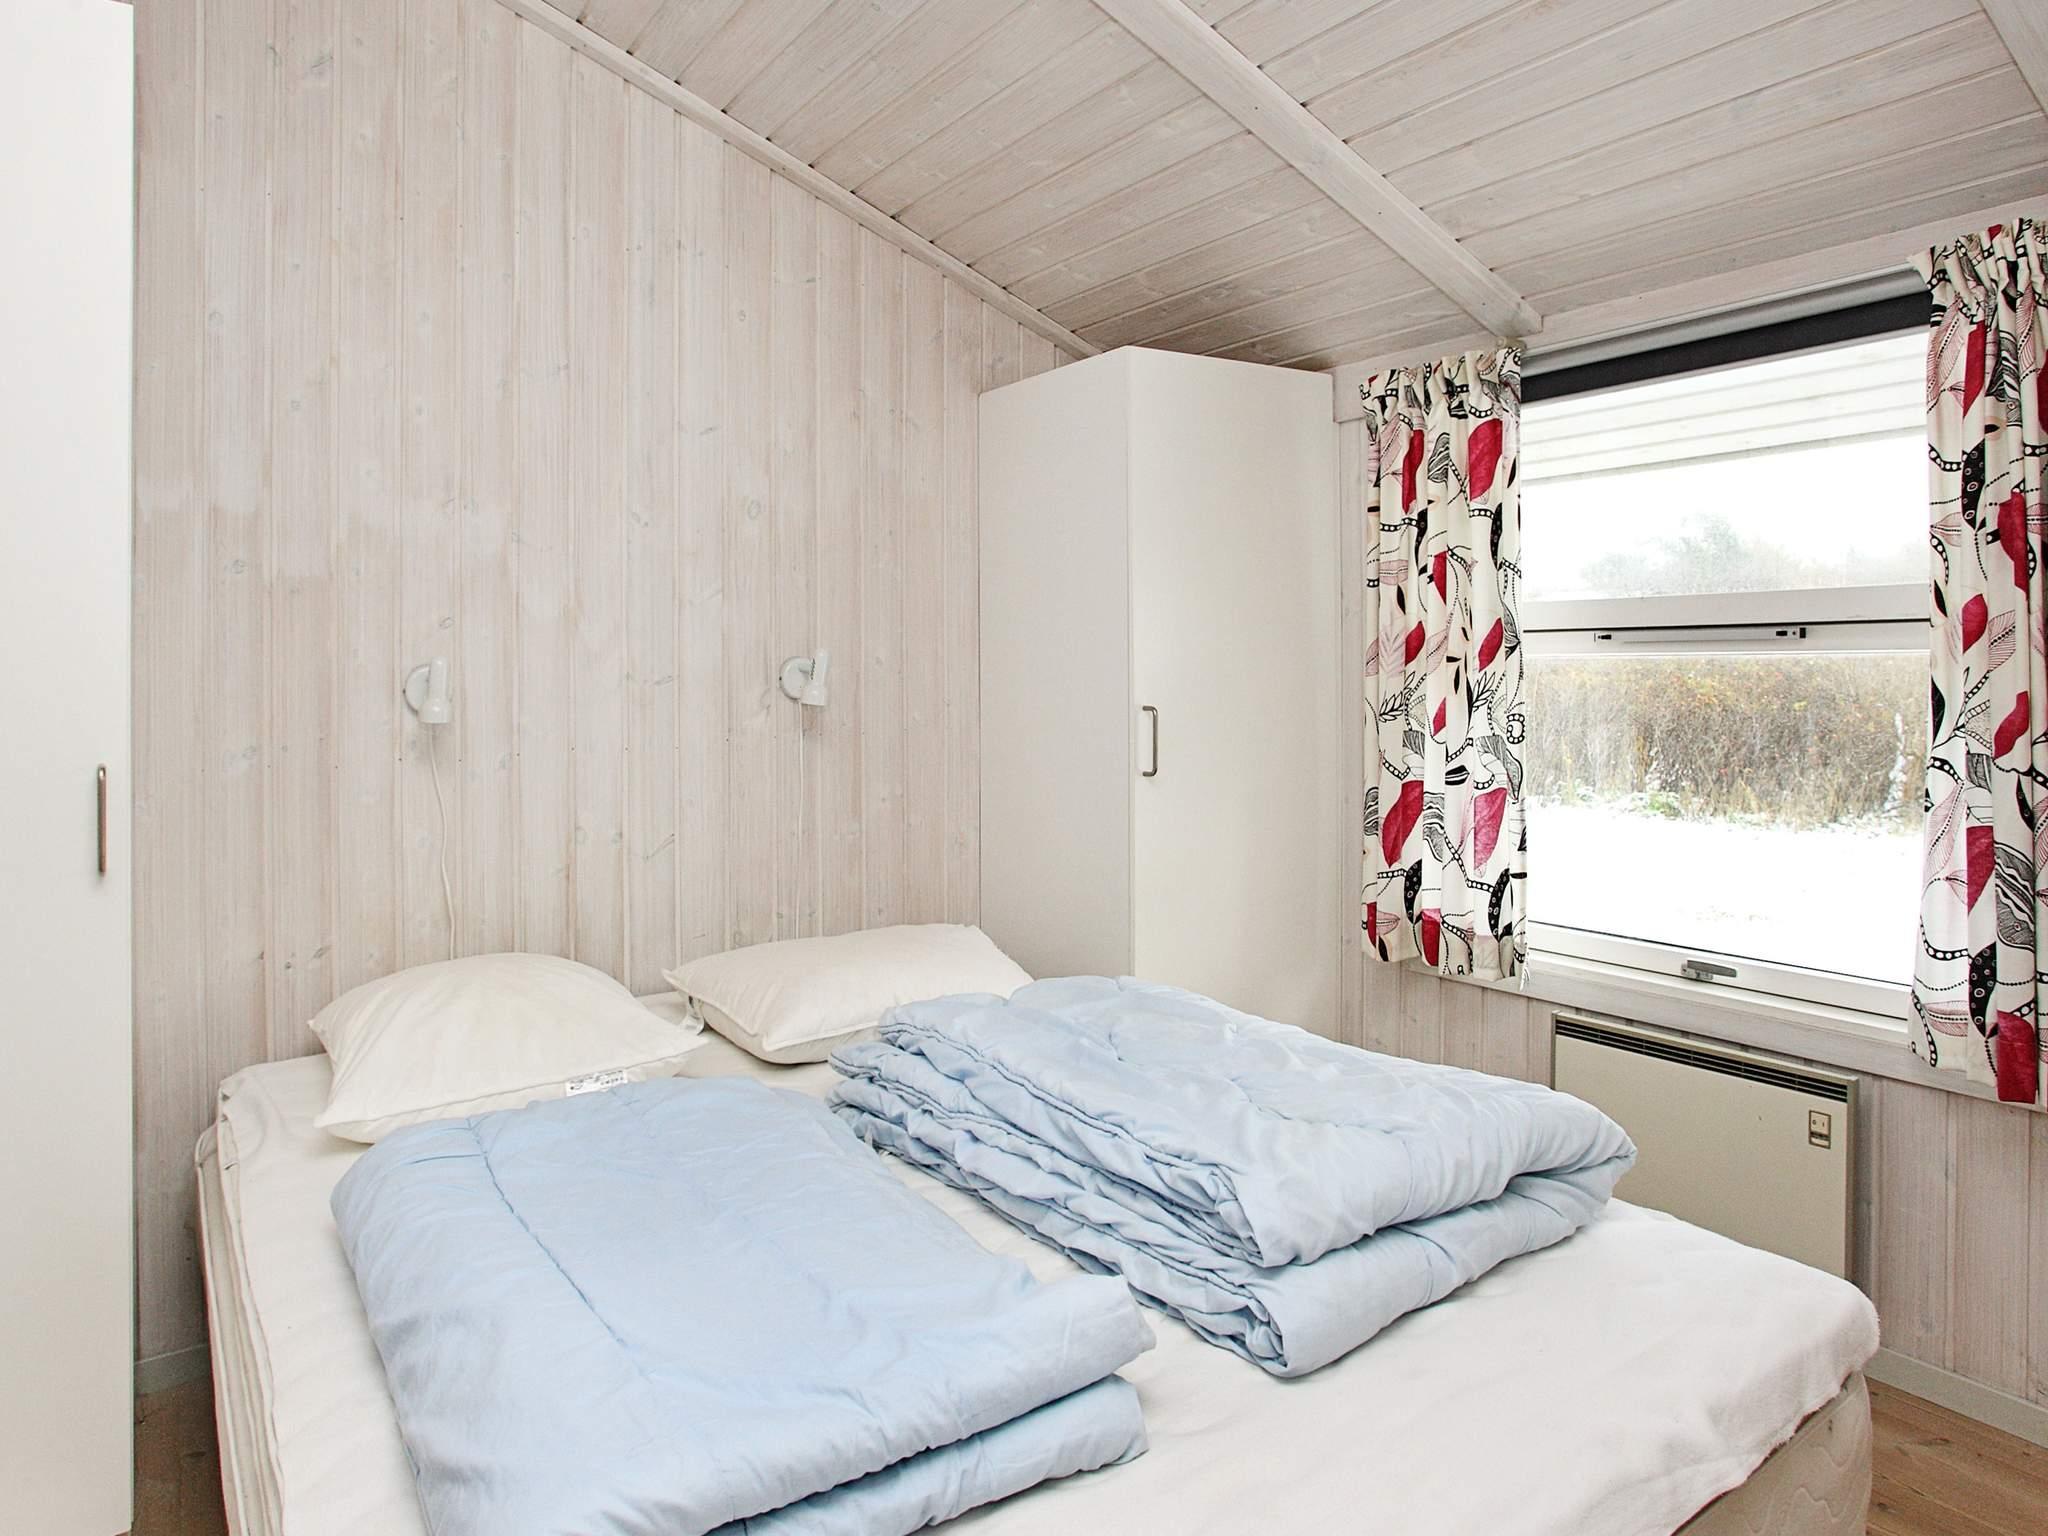 Ferienhaus Løkken (84407), Løkken, , Dänische Nordsee, Dänemark, Bild 8